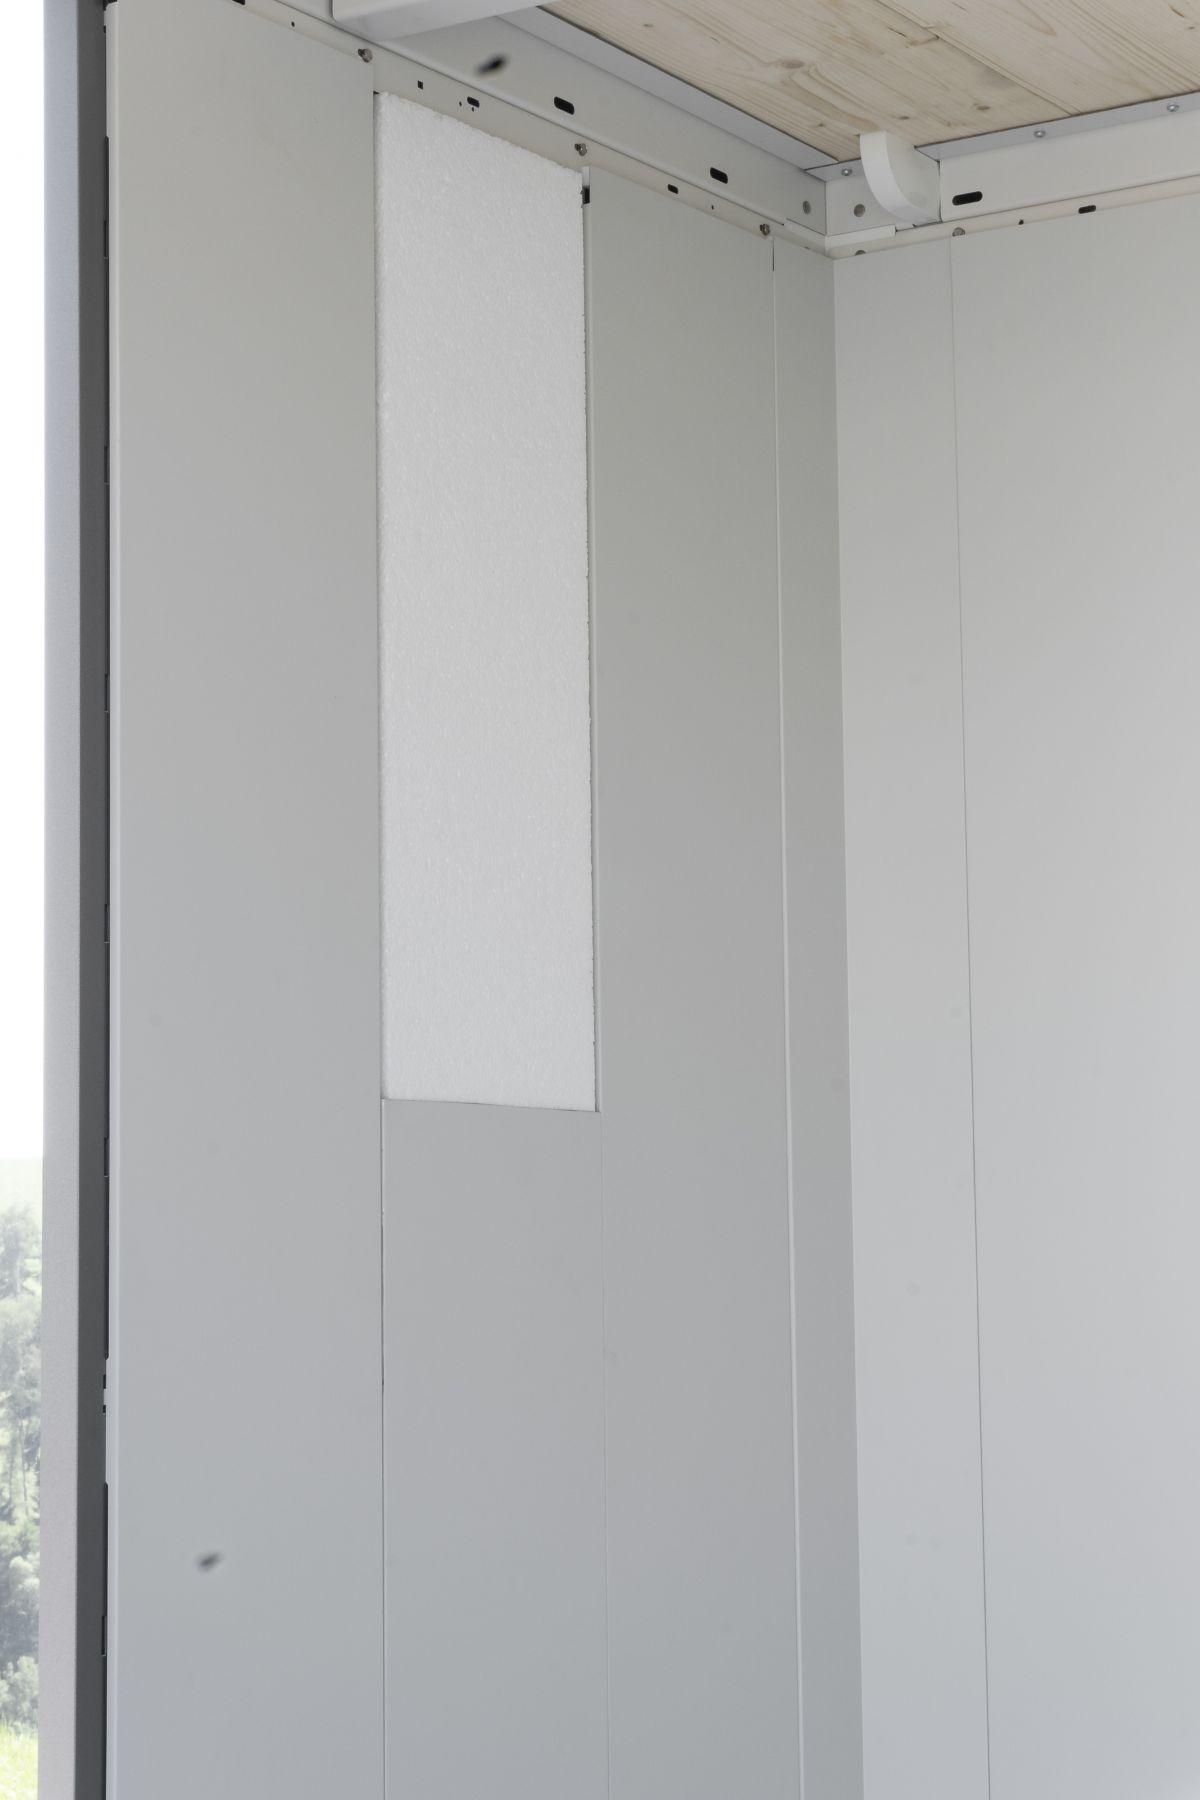 Biohort Izolace pro domek NEO 1B/2A (standardní dveře)/2B (dvoukřídlé dveře)